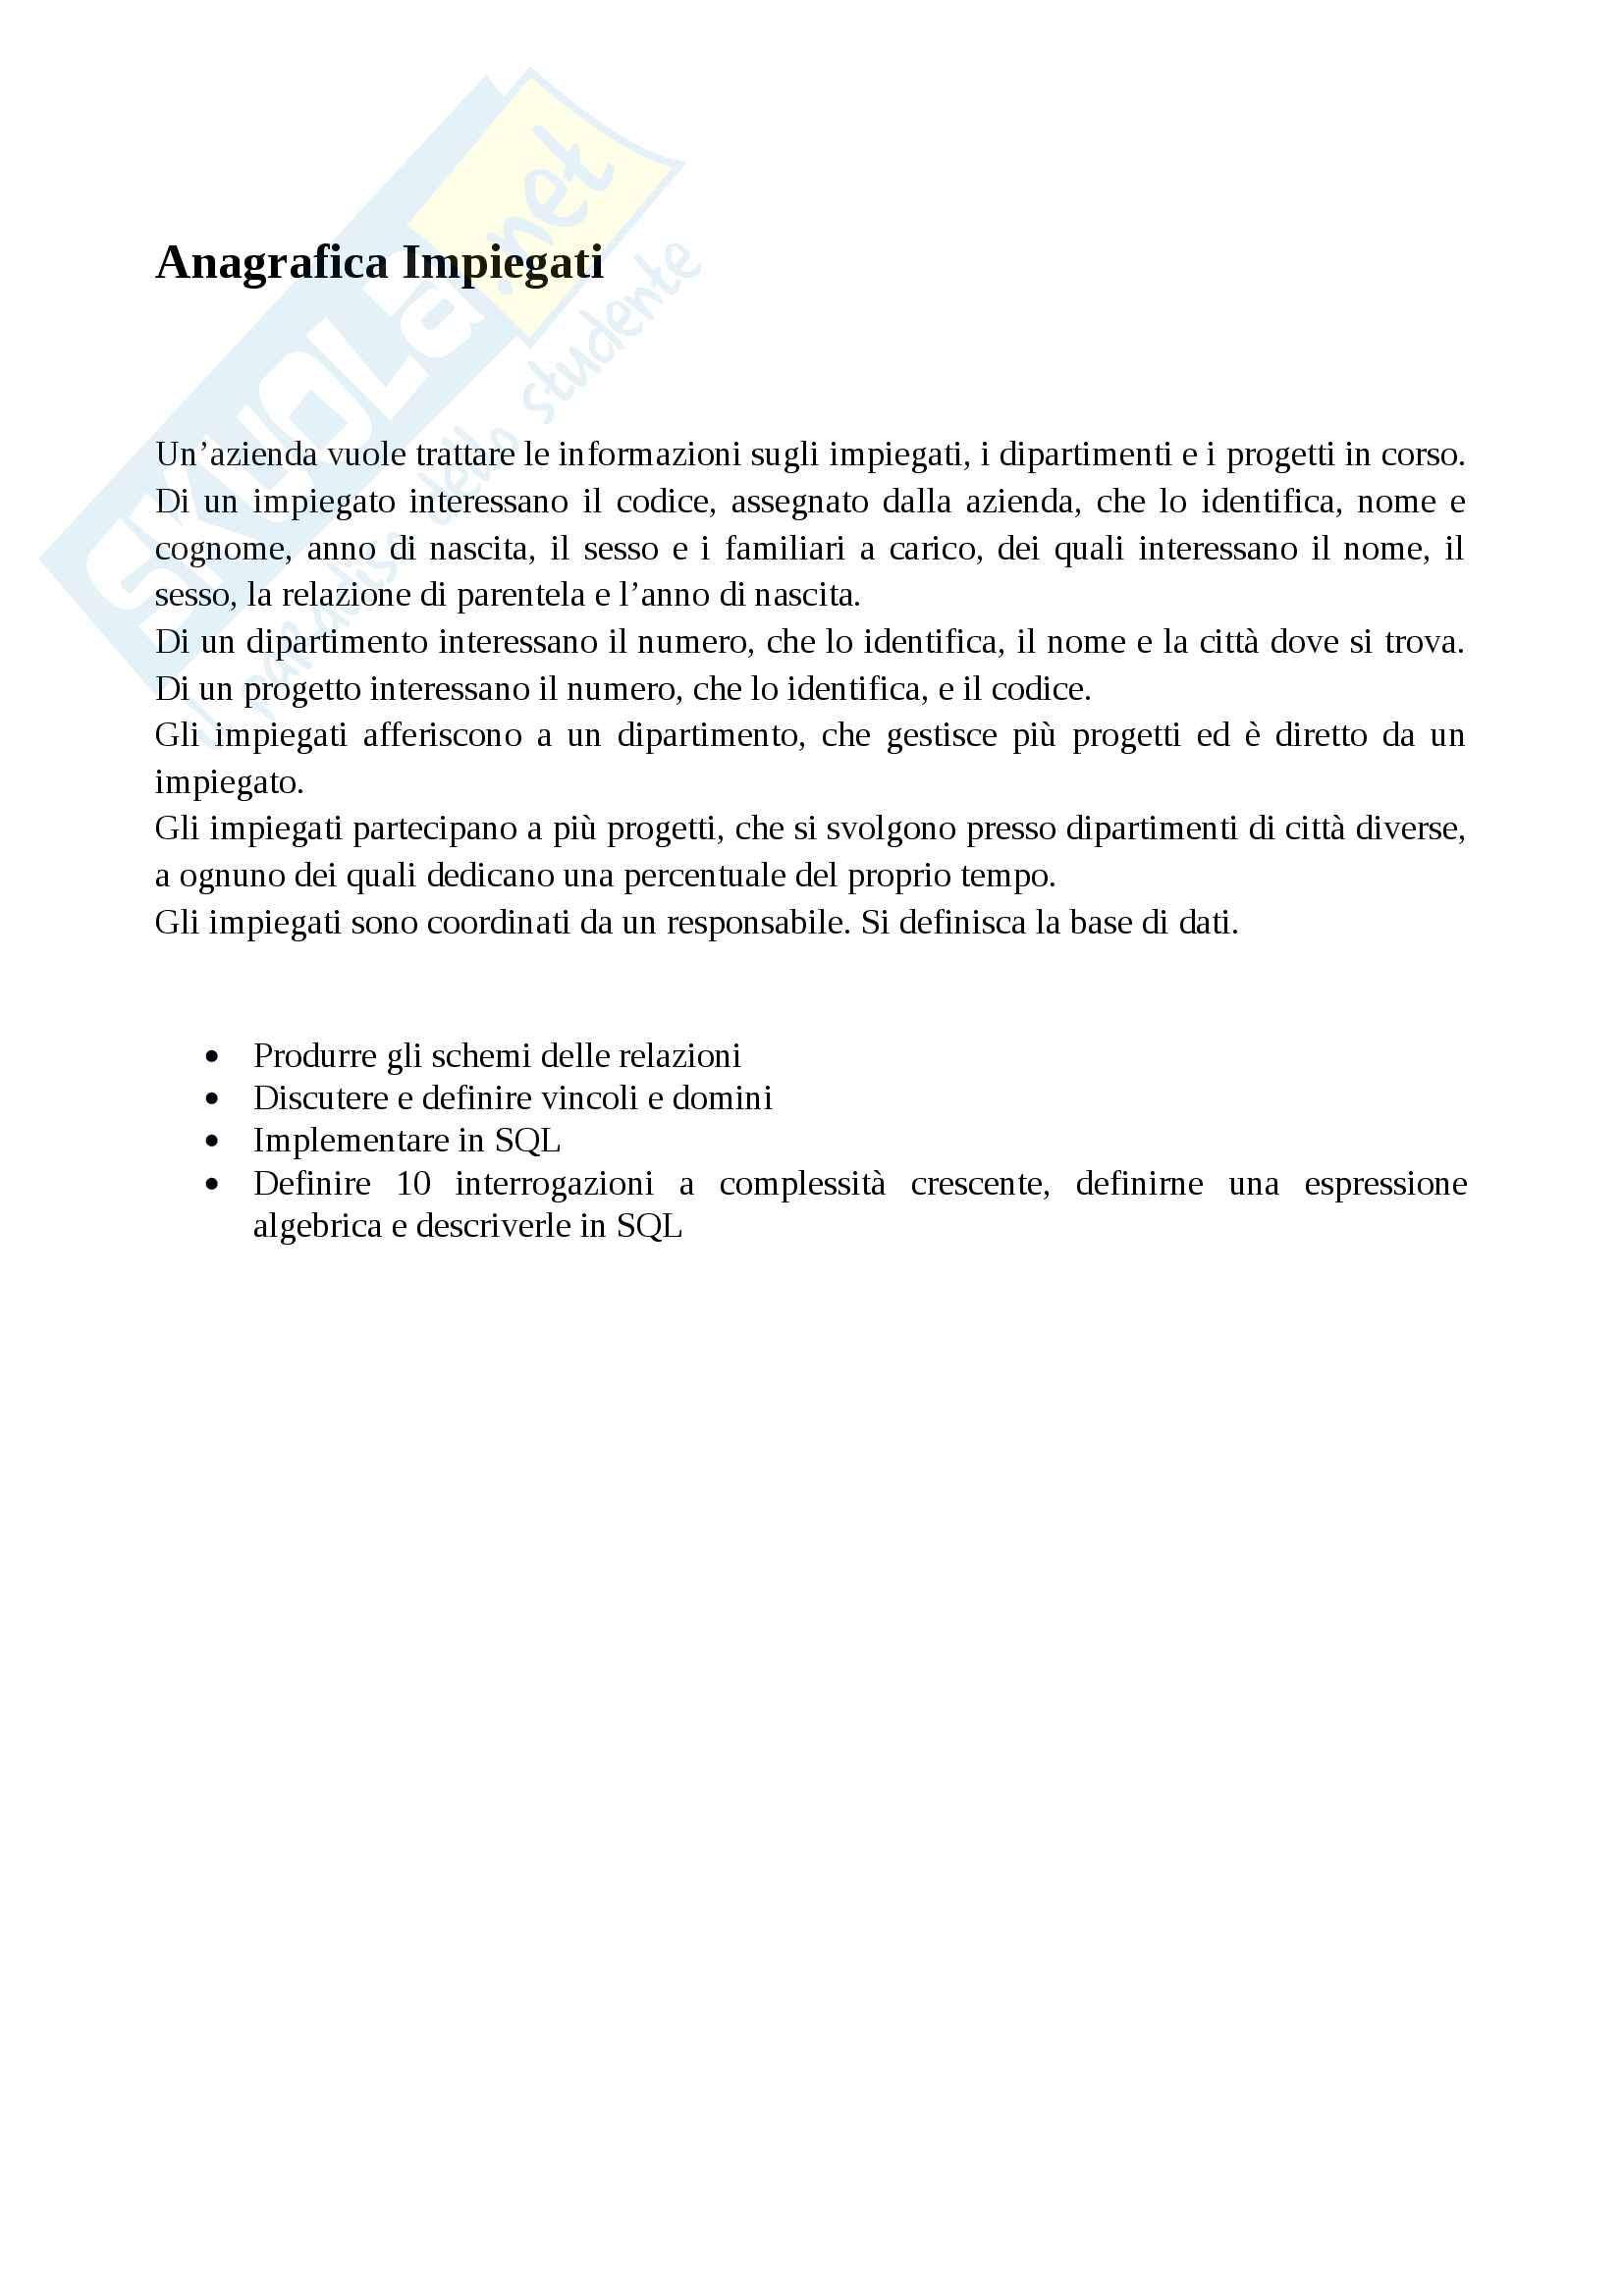 Progetto basi di dati (tesina SQL - database) Pag. 2